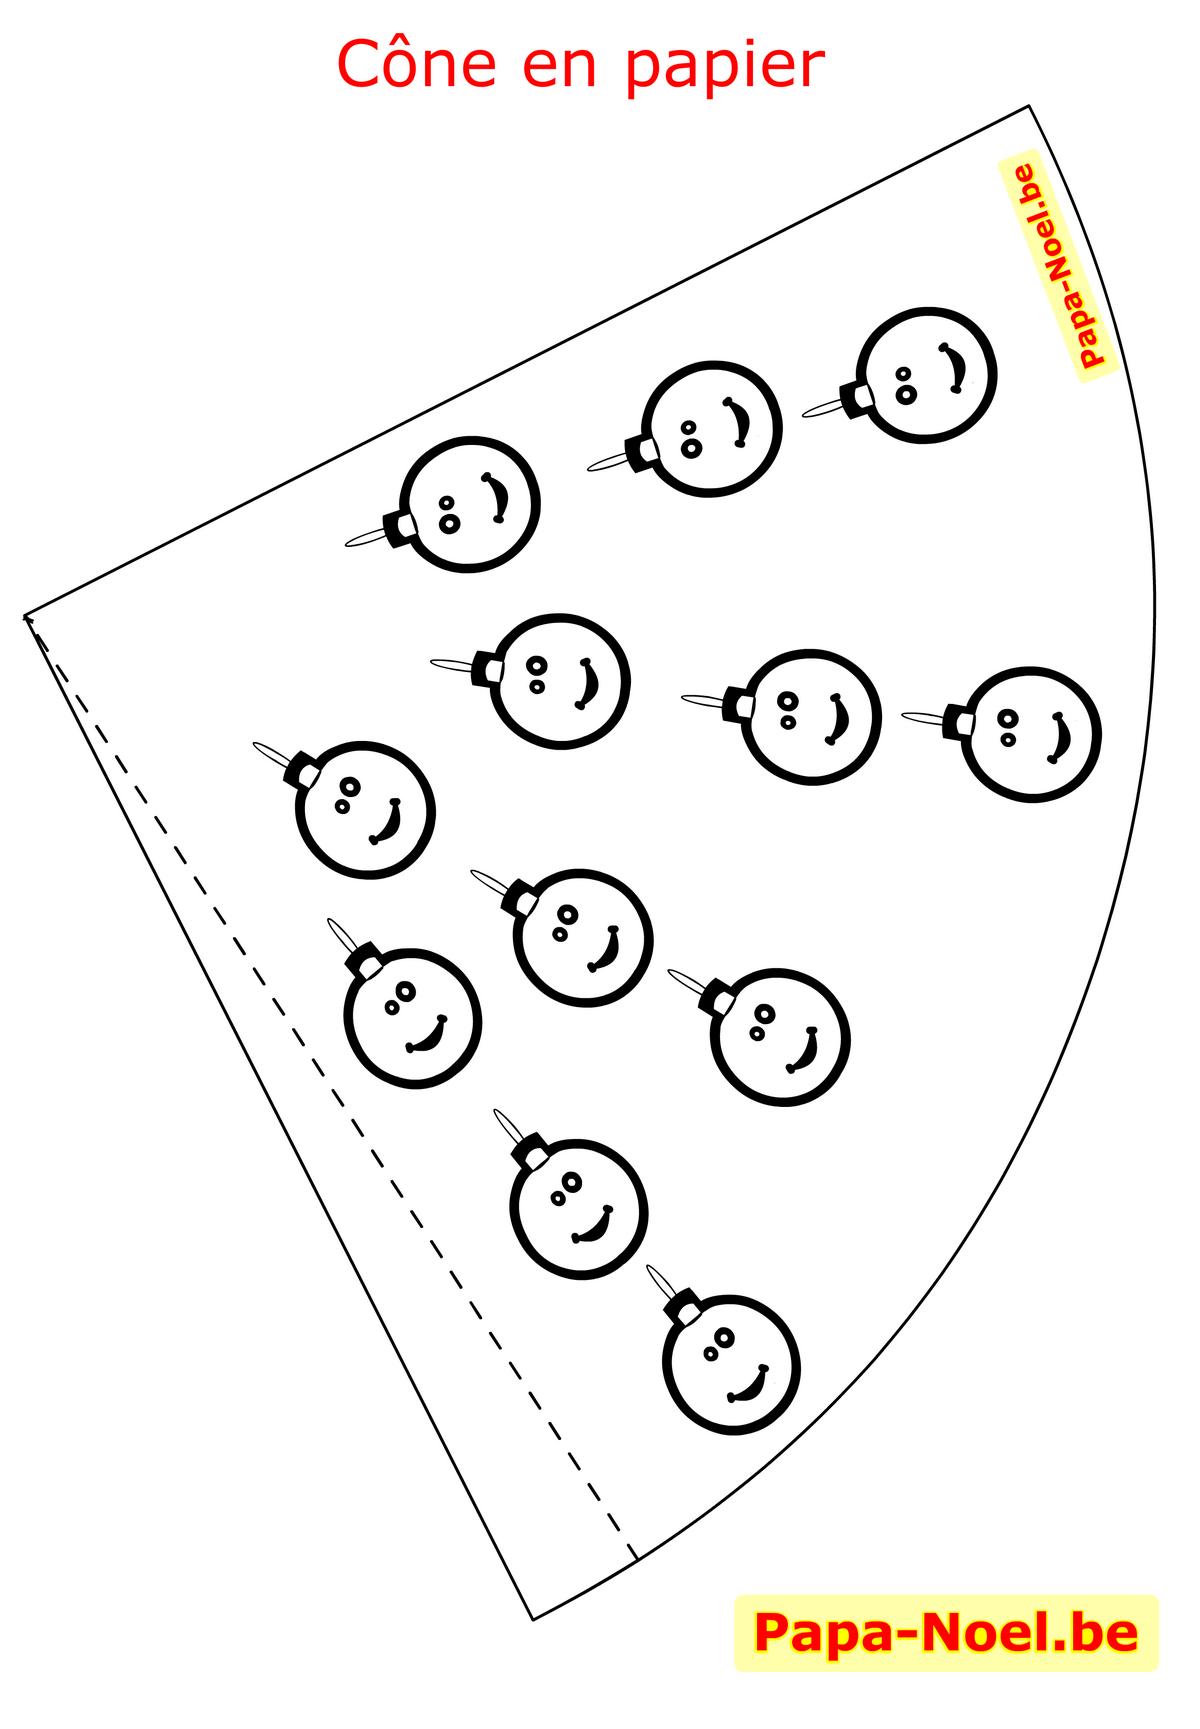 Image De Cône En Papier Apprendre À Fabriquer Decorer dedans Décoration De Noel À Imprimer